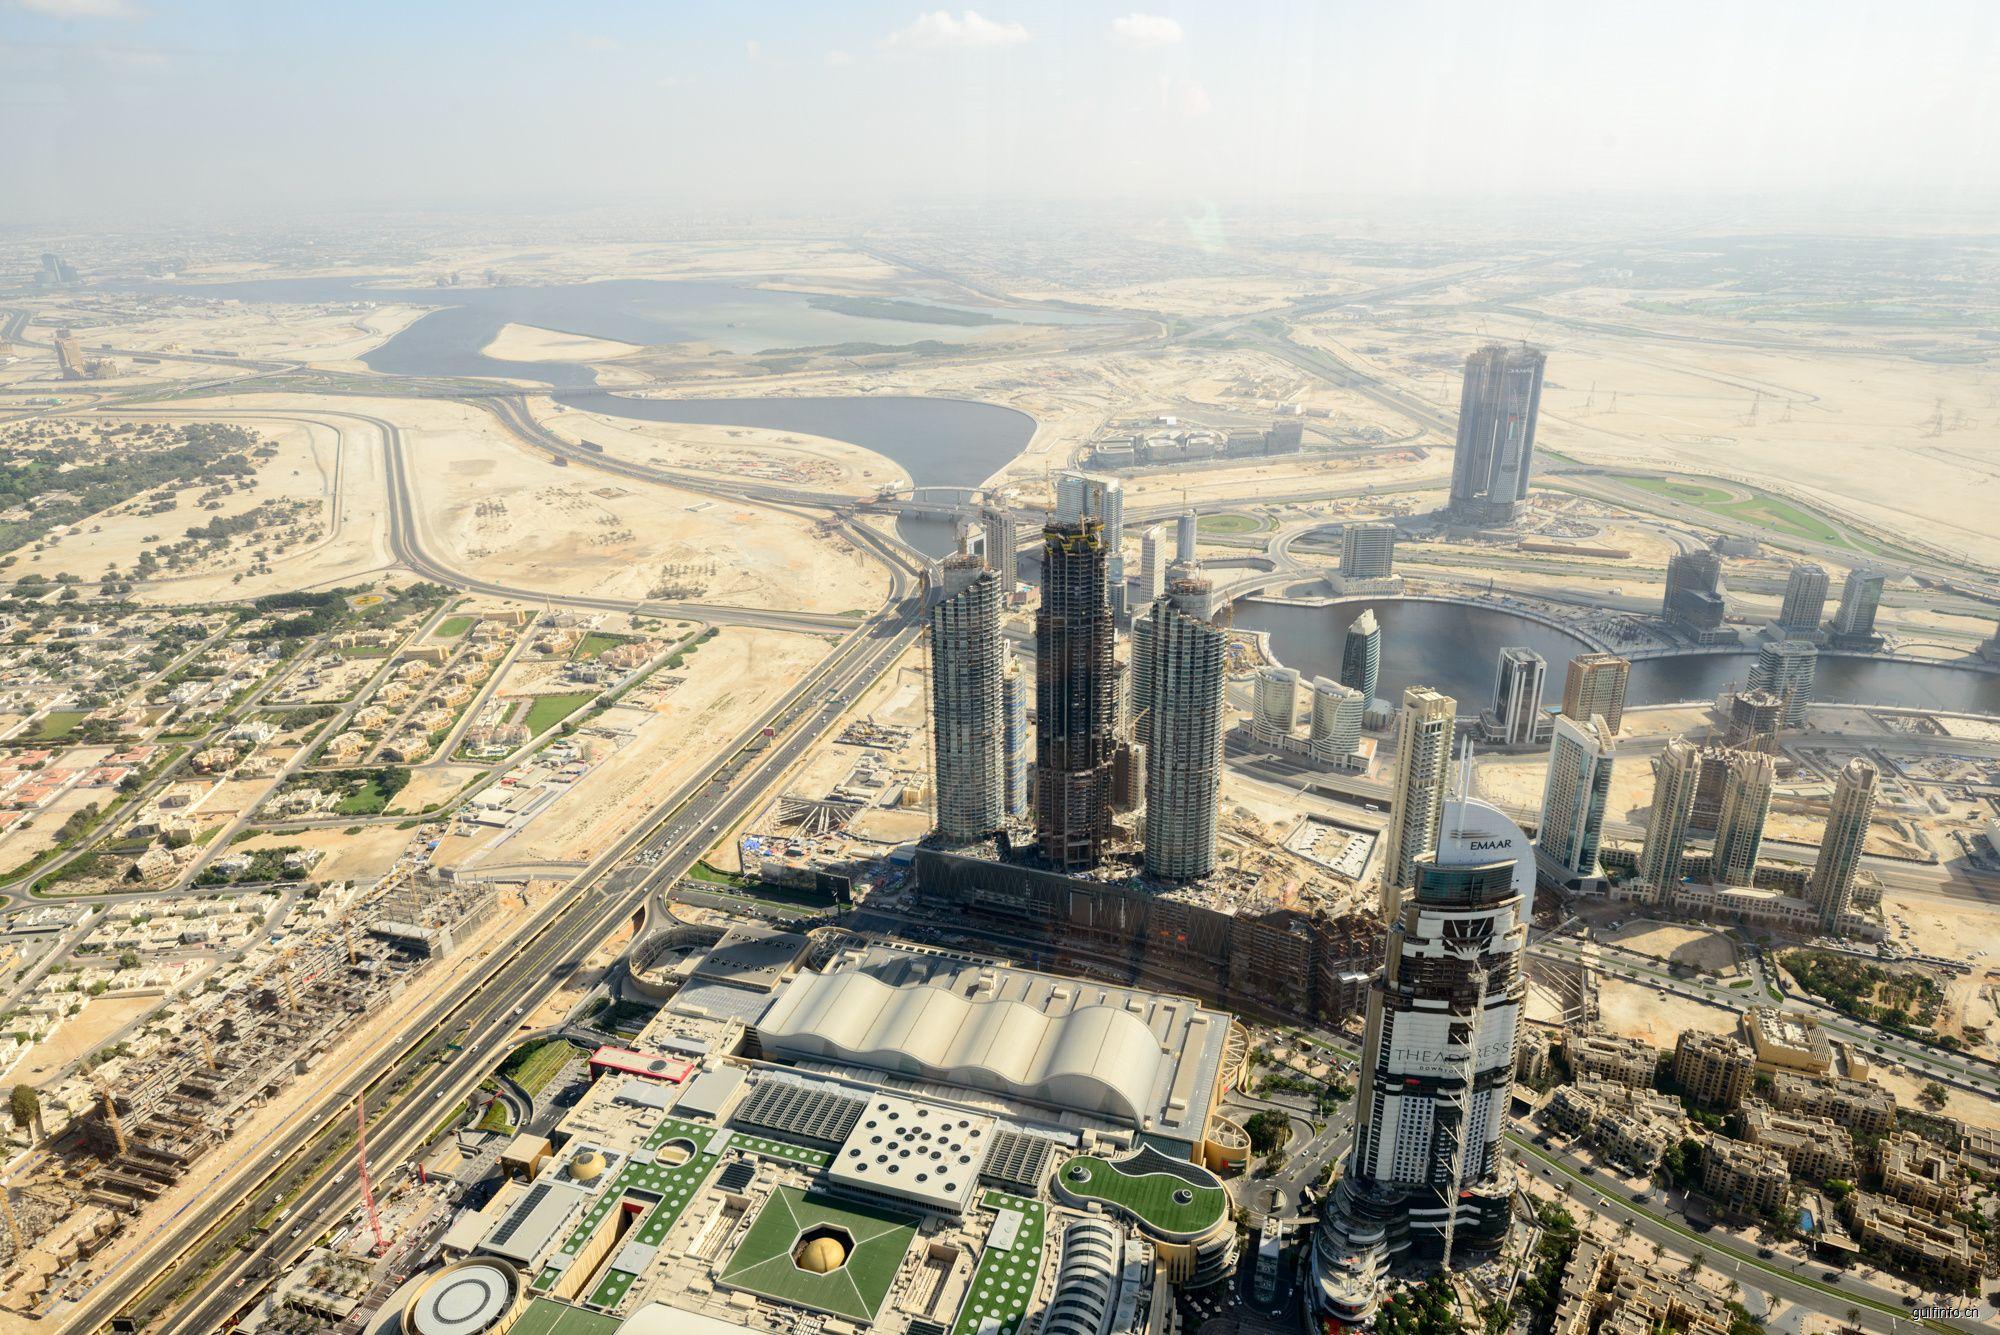 迪拜公布2030工业战略五大经济预期成果